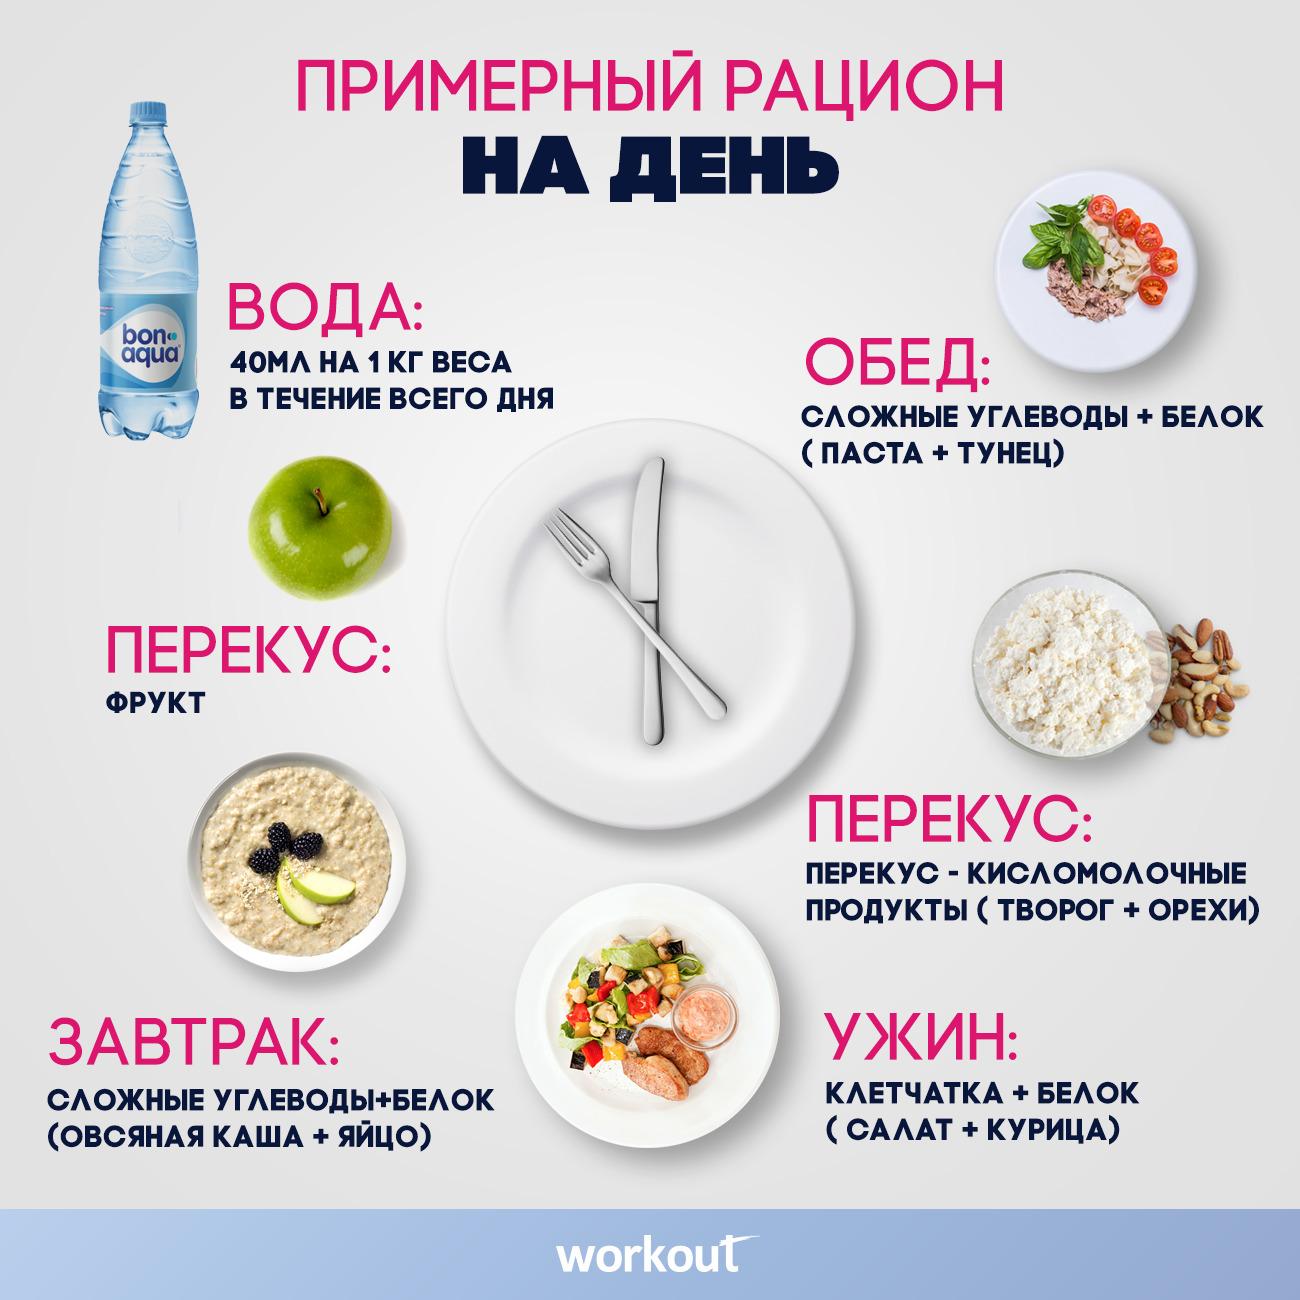 Как Правильно Питаться На Пп Чтобы Похудеть.